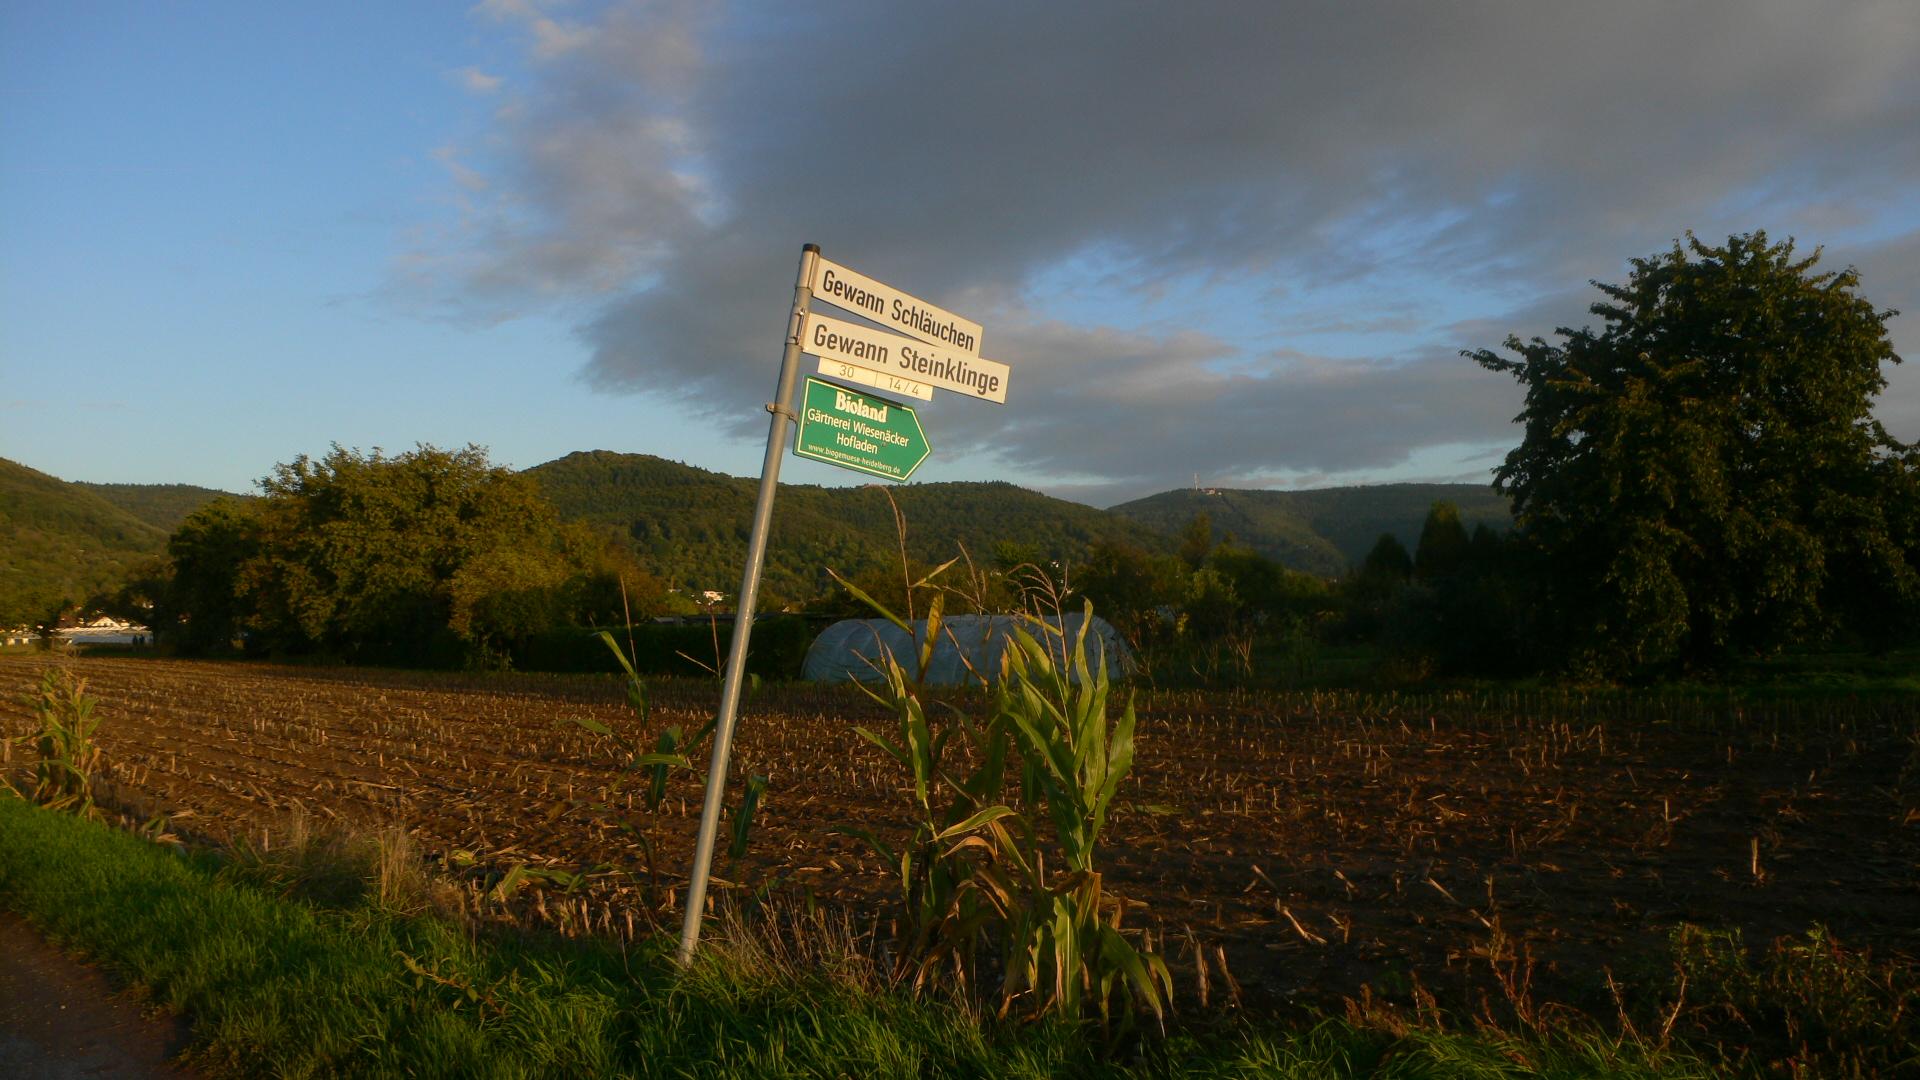 Beim Blick über die Felder sieht man den Odenwald.